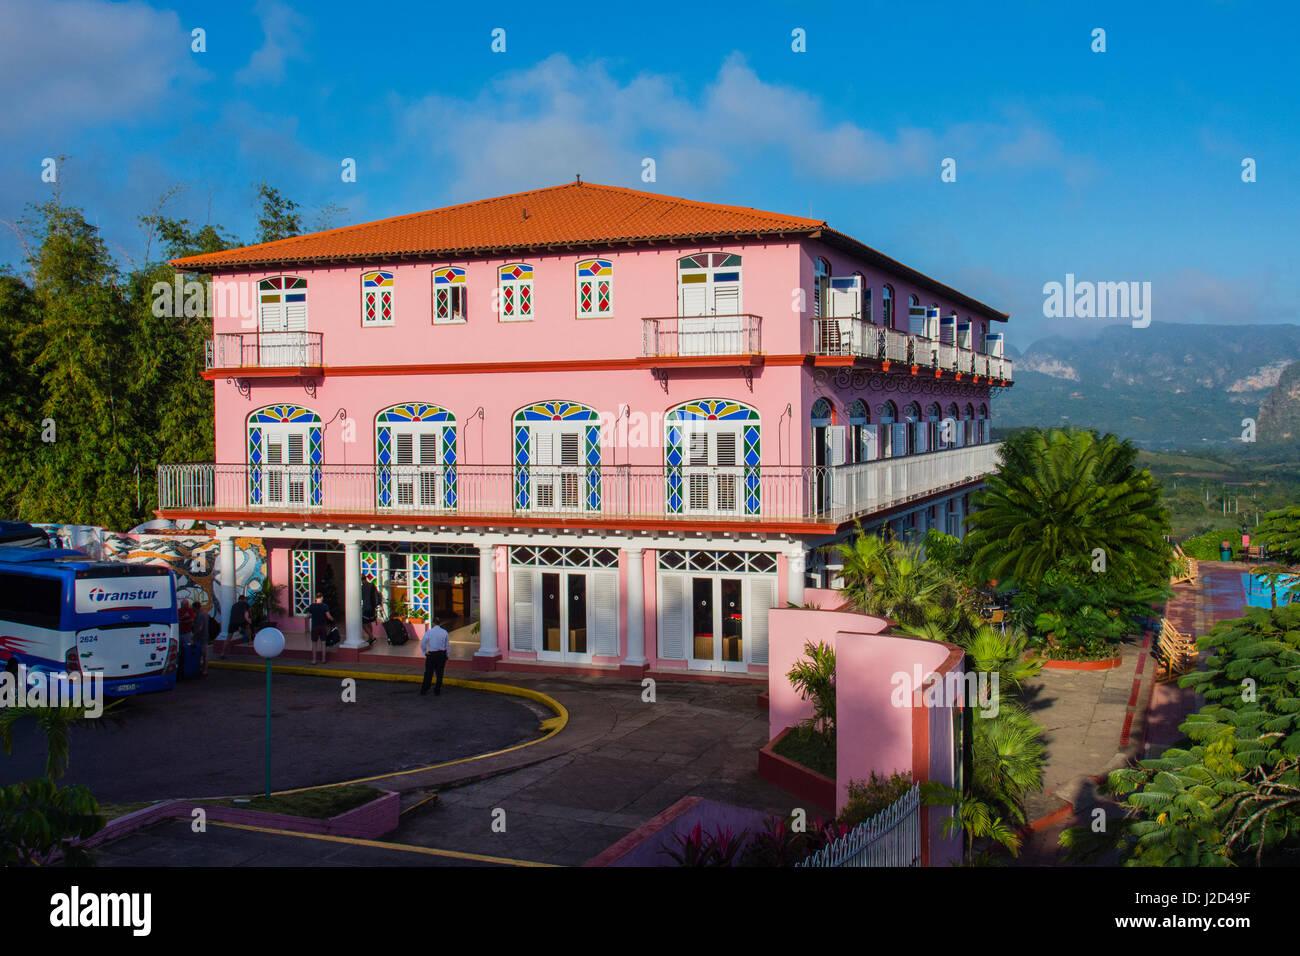 Cuba. Pinar del Rio. Vinales. Hotel Los Jazmines overlooking the Vinales valley. - Stock-Bilder